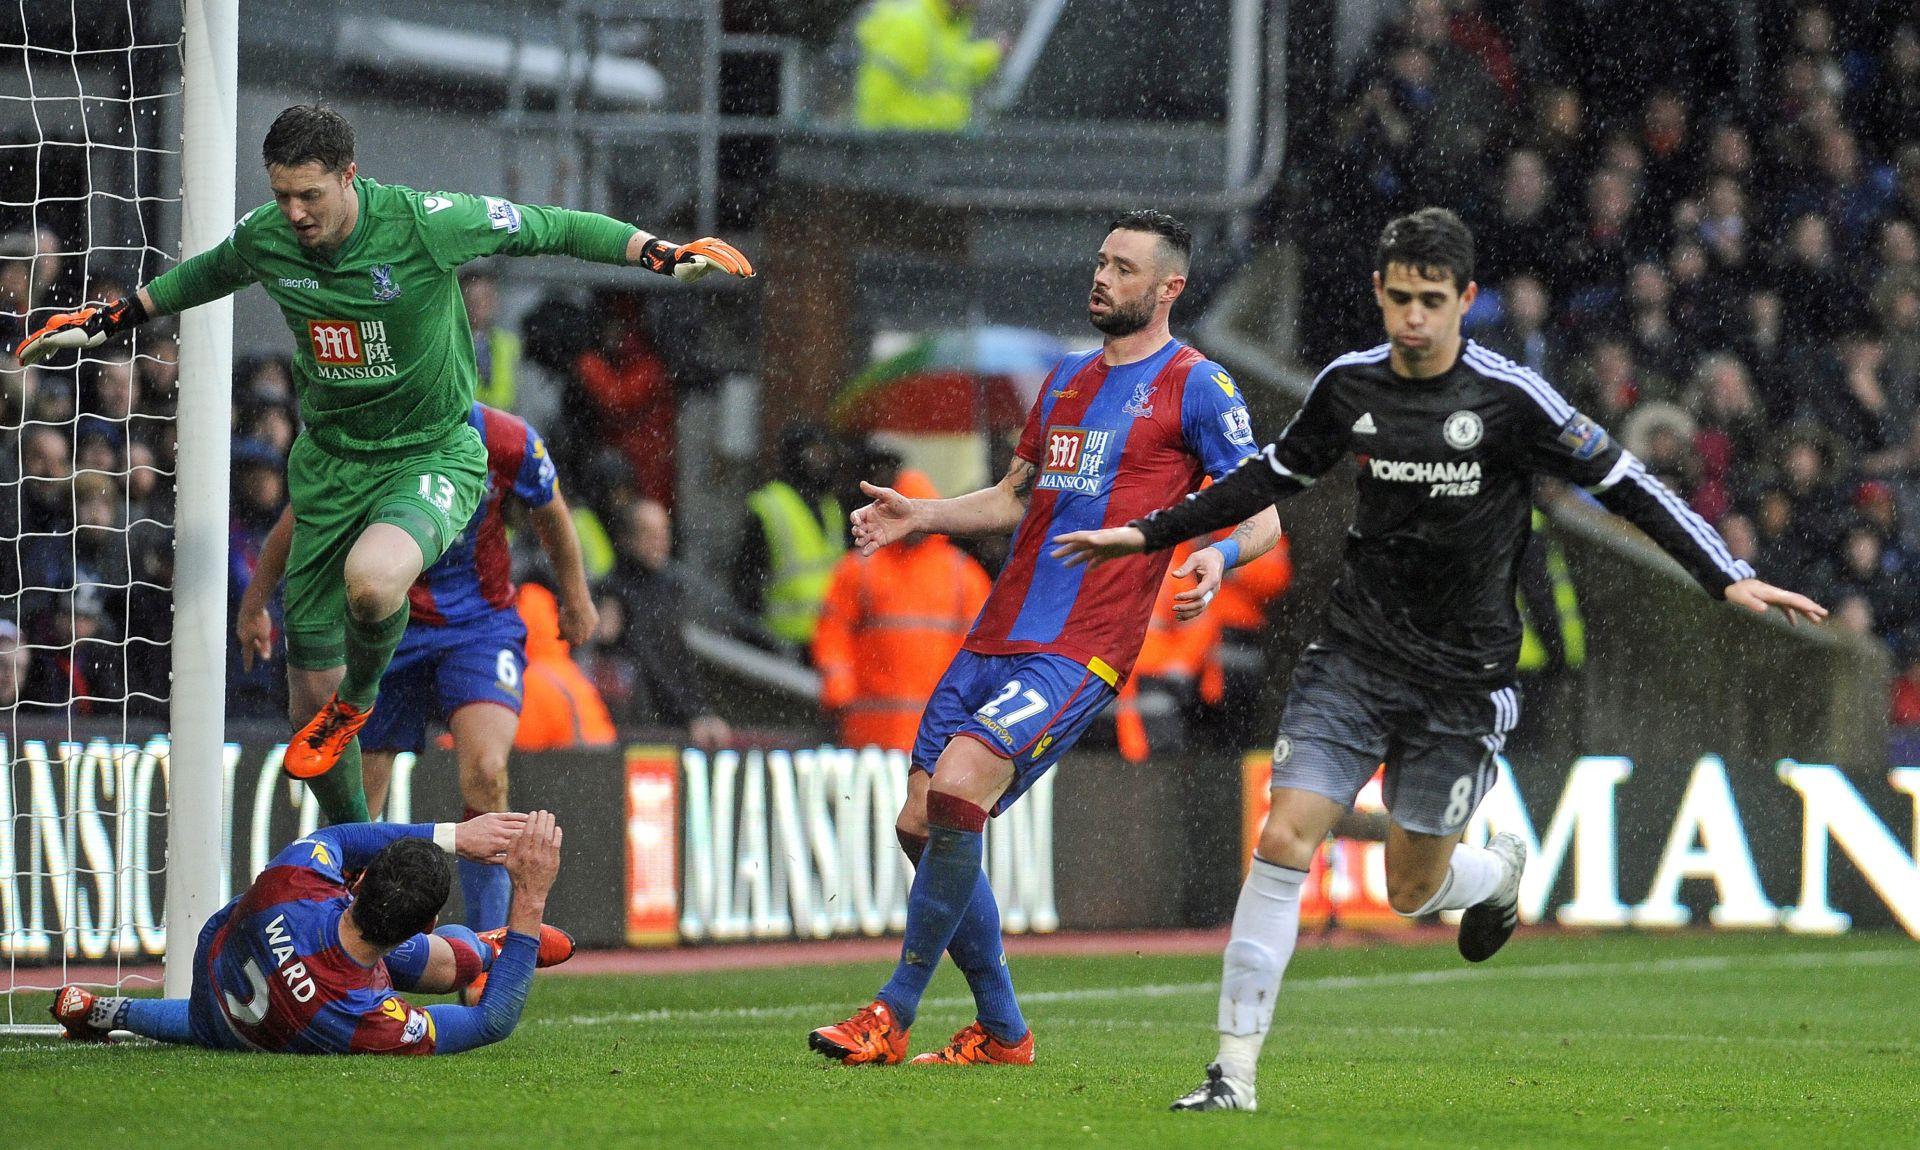 Pobjeda Chelsea, remi Evertona i Tottenhama